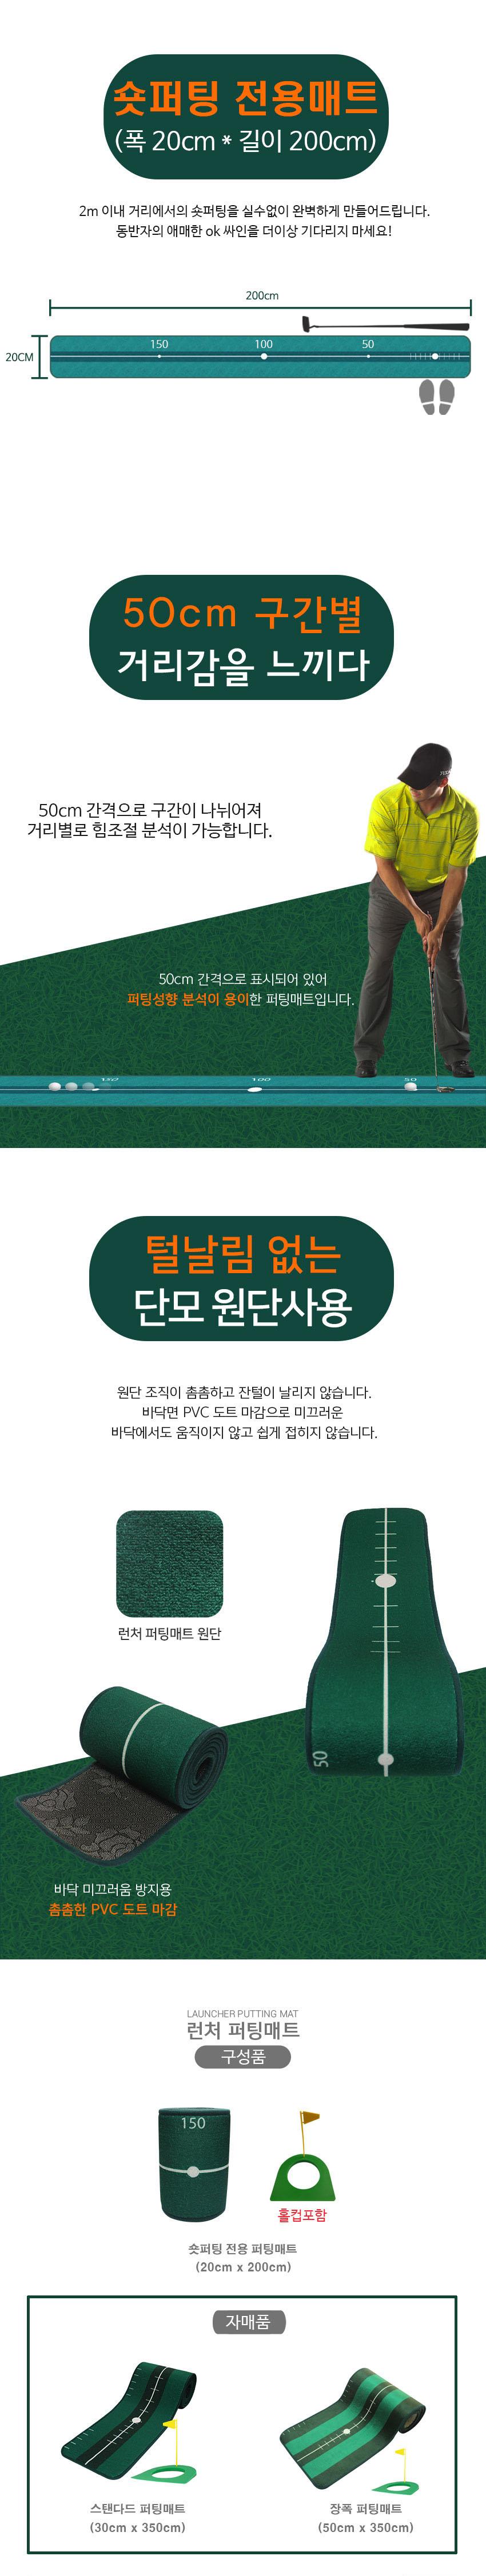 미니 퍼팅매트 리뉴얼 홀컵포함